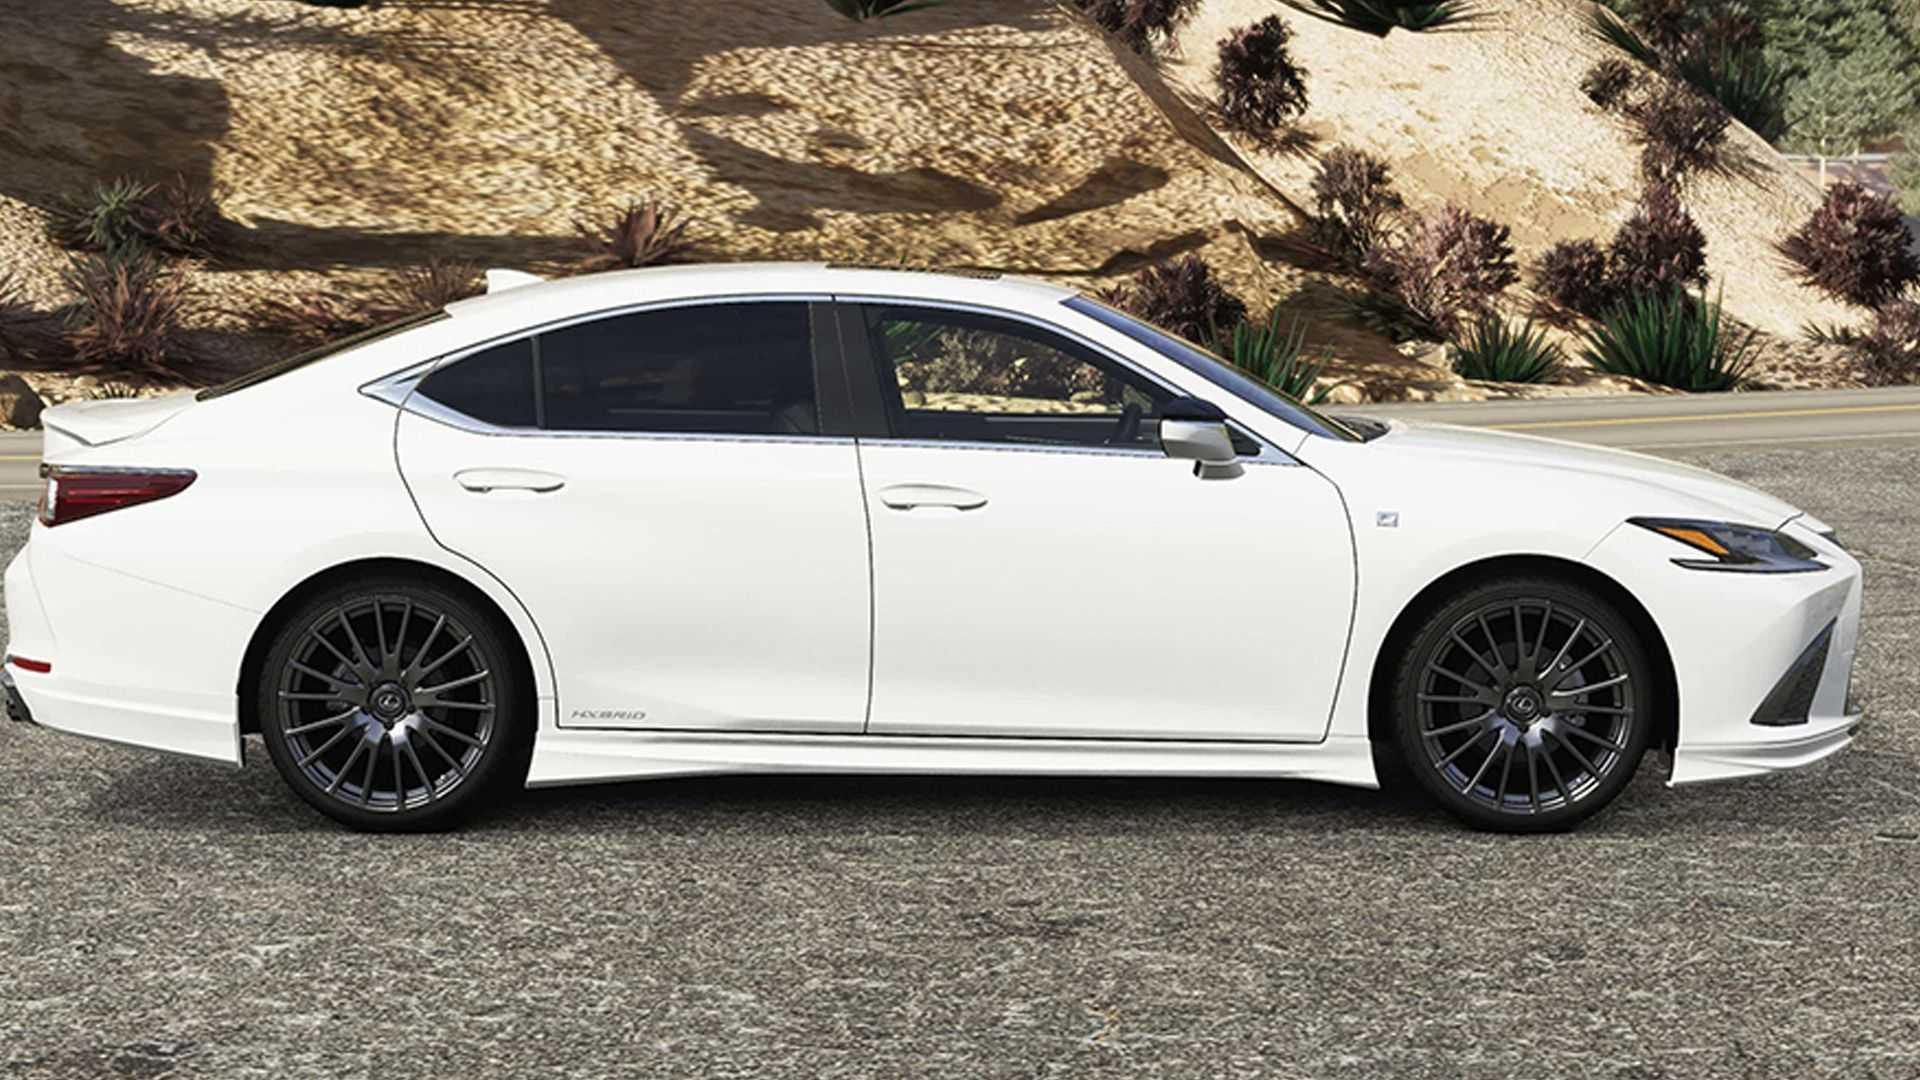 Lexus-ES-facelift-with-TRD-Parts-8